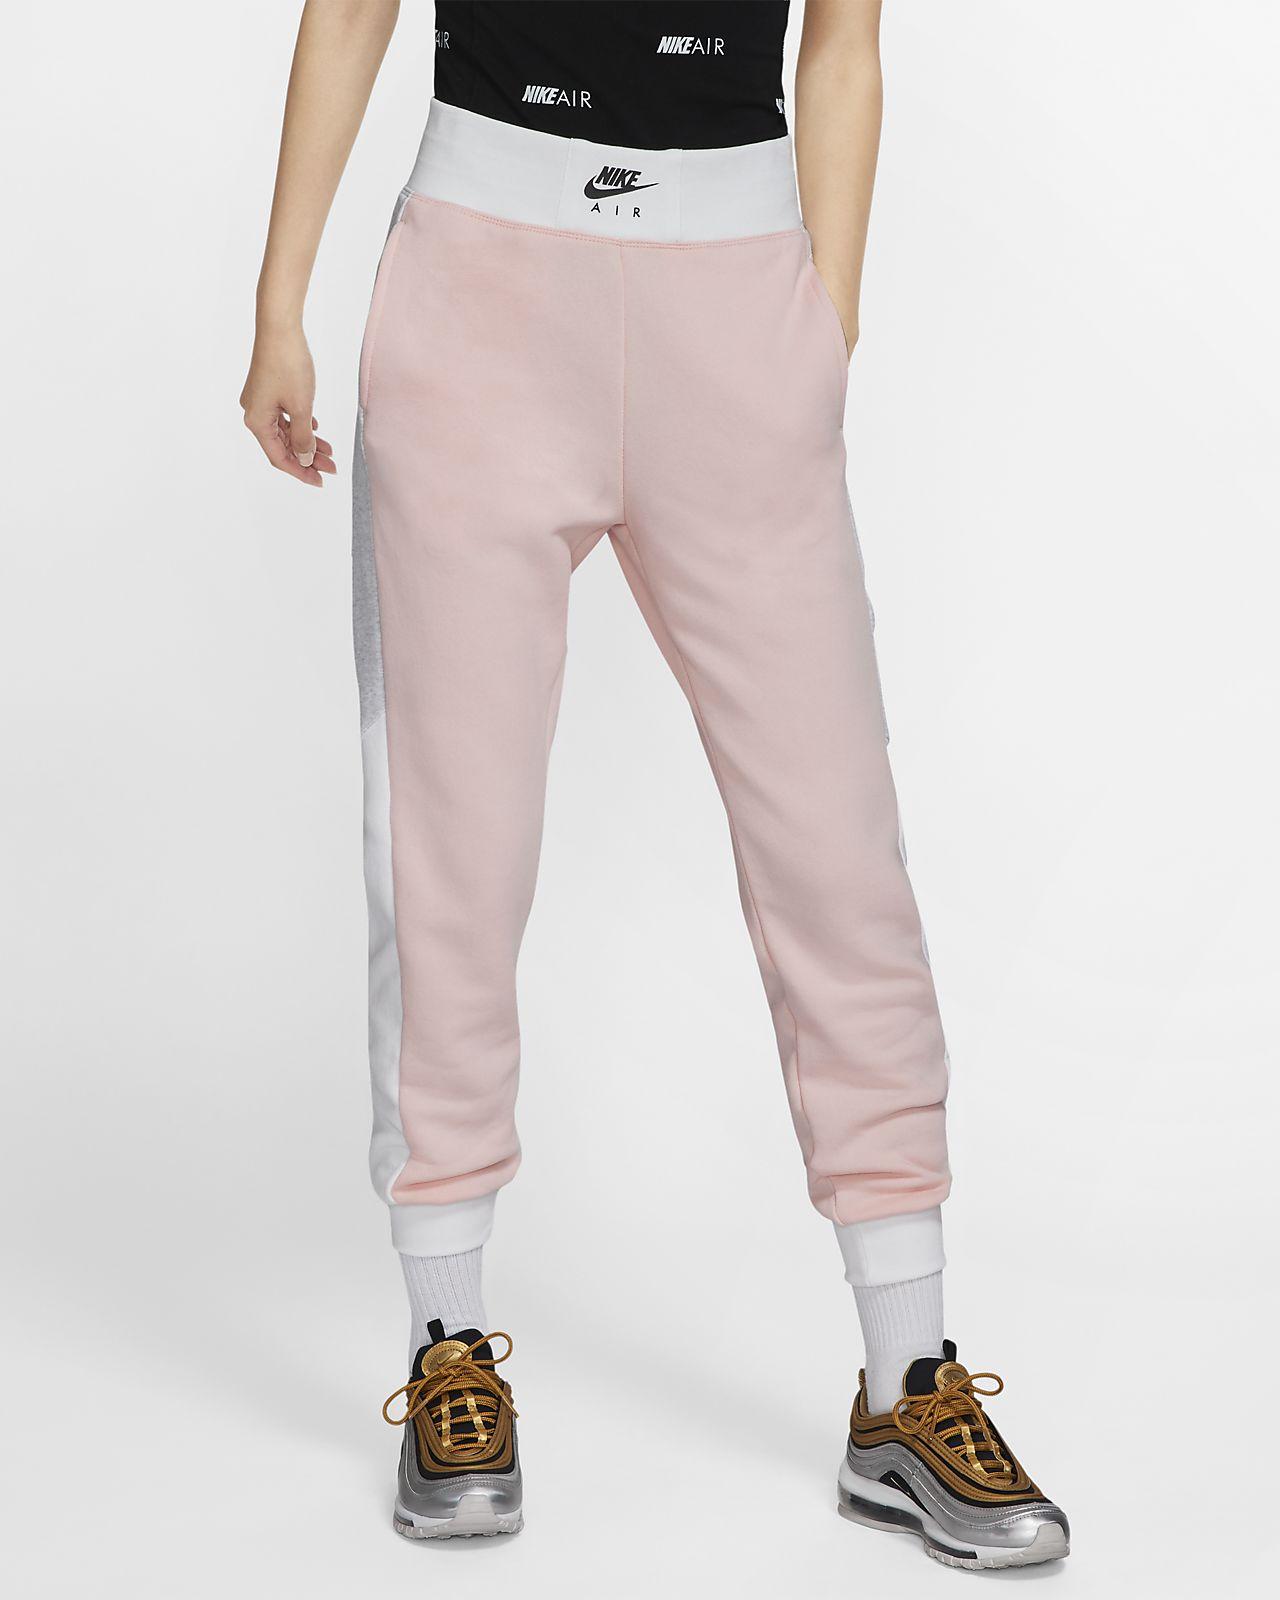 Calças Nike Air para mulher